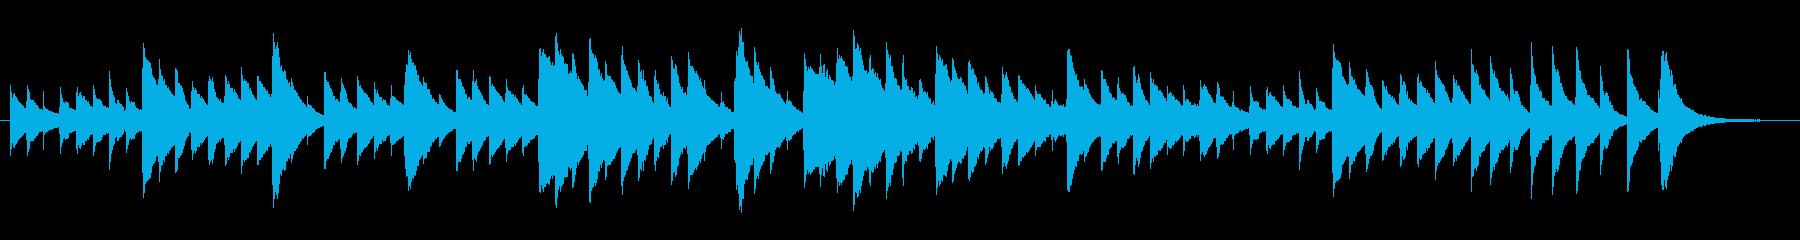 優しく切ない、あたたかなオルゴール曲の再生済みの波形